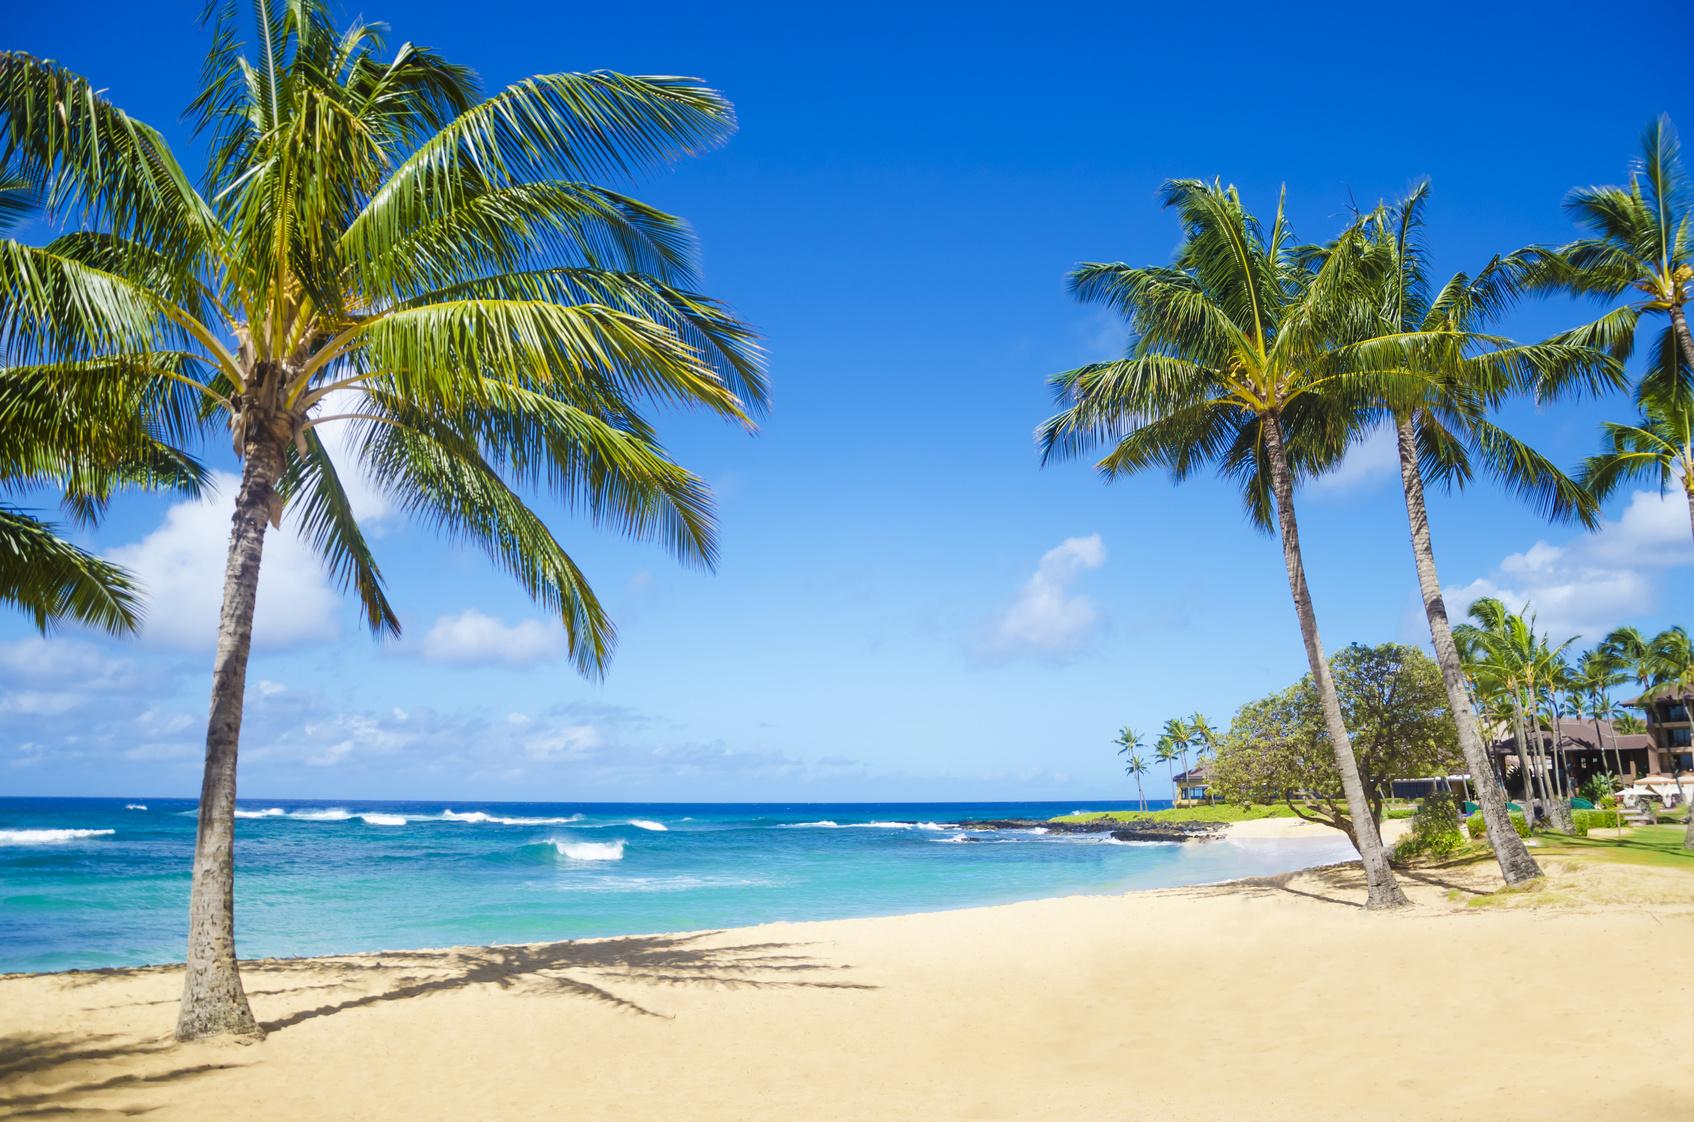 Hawaii Karibik Palmen Strand Poipu beach